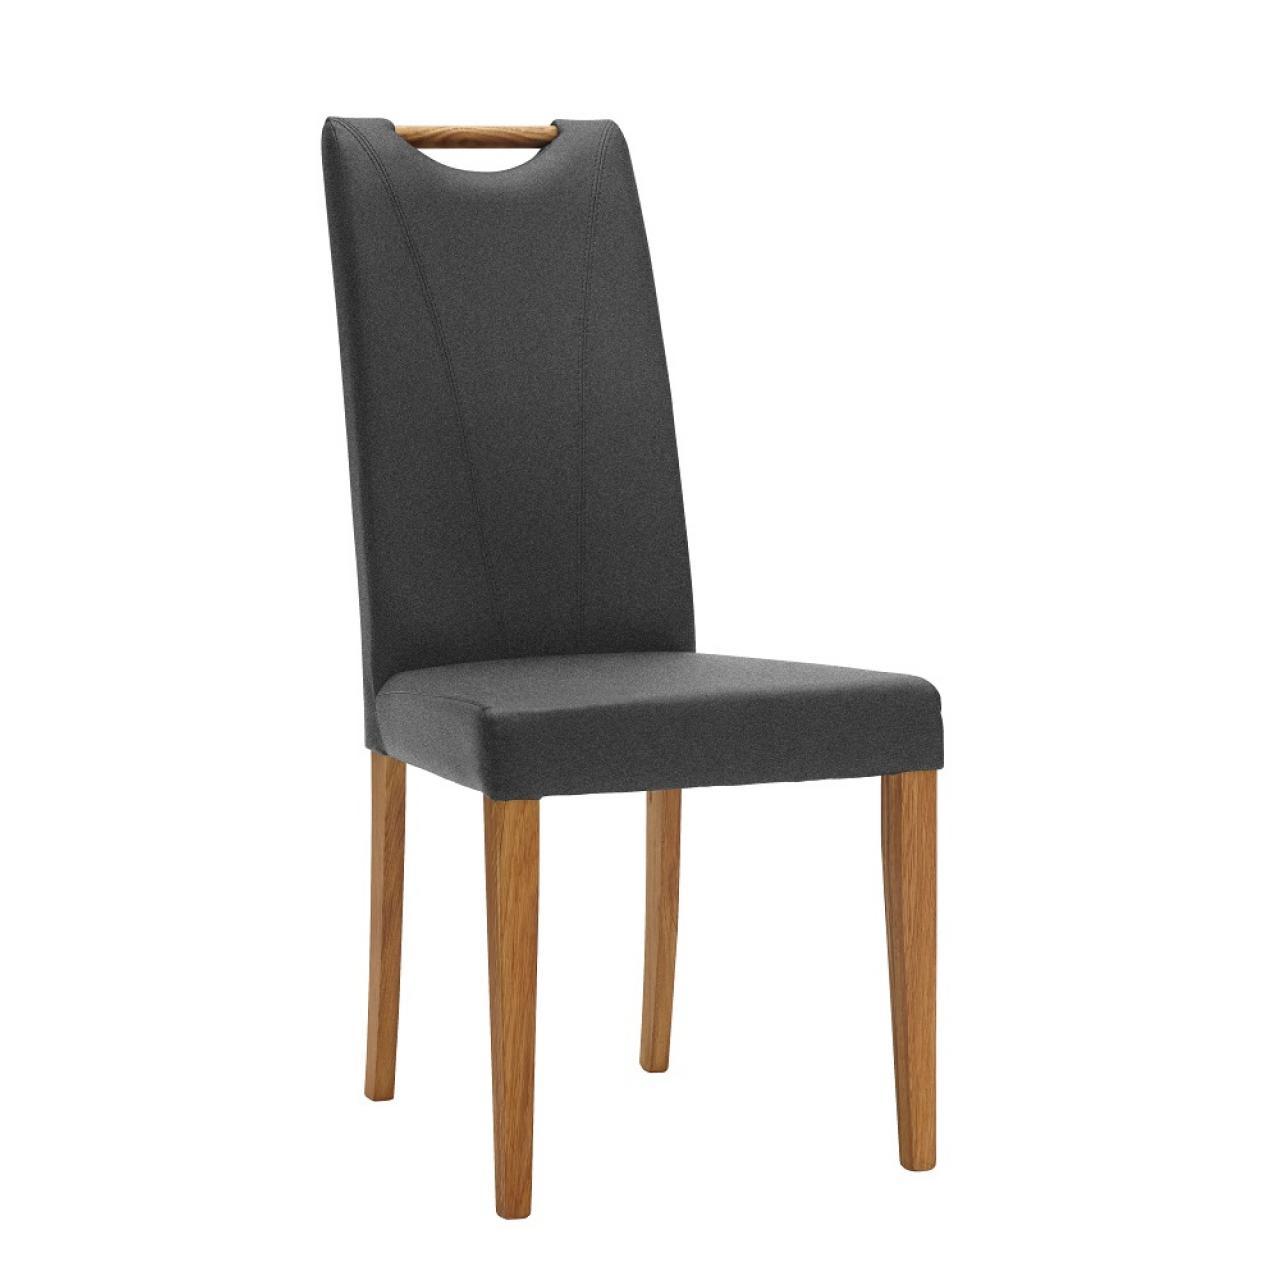 Stuhl 44 E6 Dark Grey Stoff Natur Massivholz Esszimmerstühle Küche